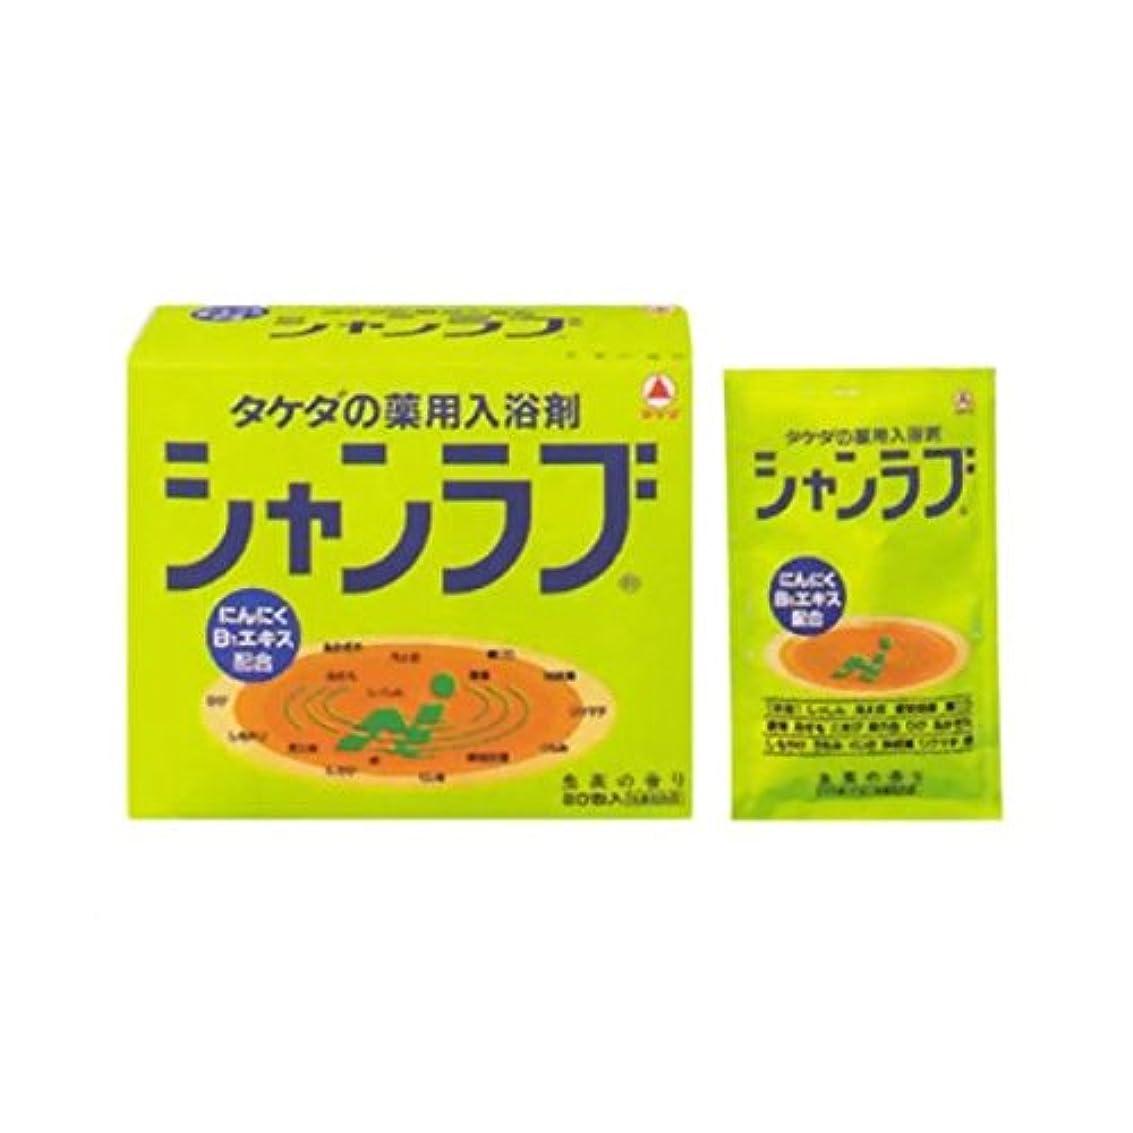 雄弁道を作る悲鳴【2個】 シャンラブ 生薬の香り (30g×30包)x2個 (4987123129640)